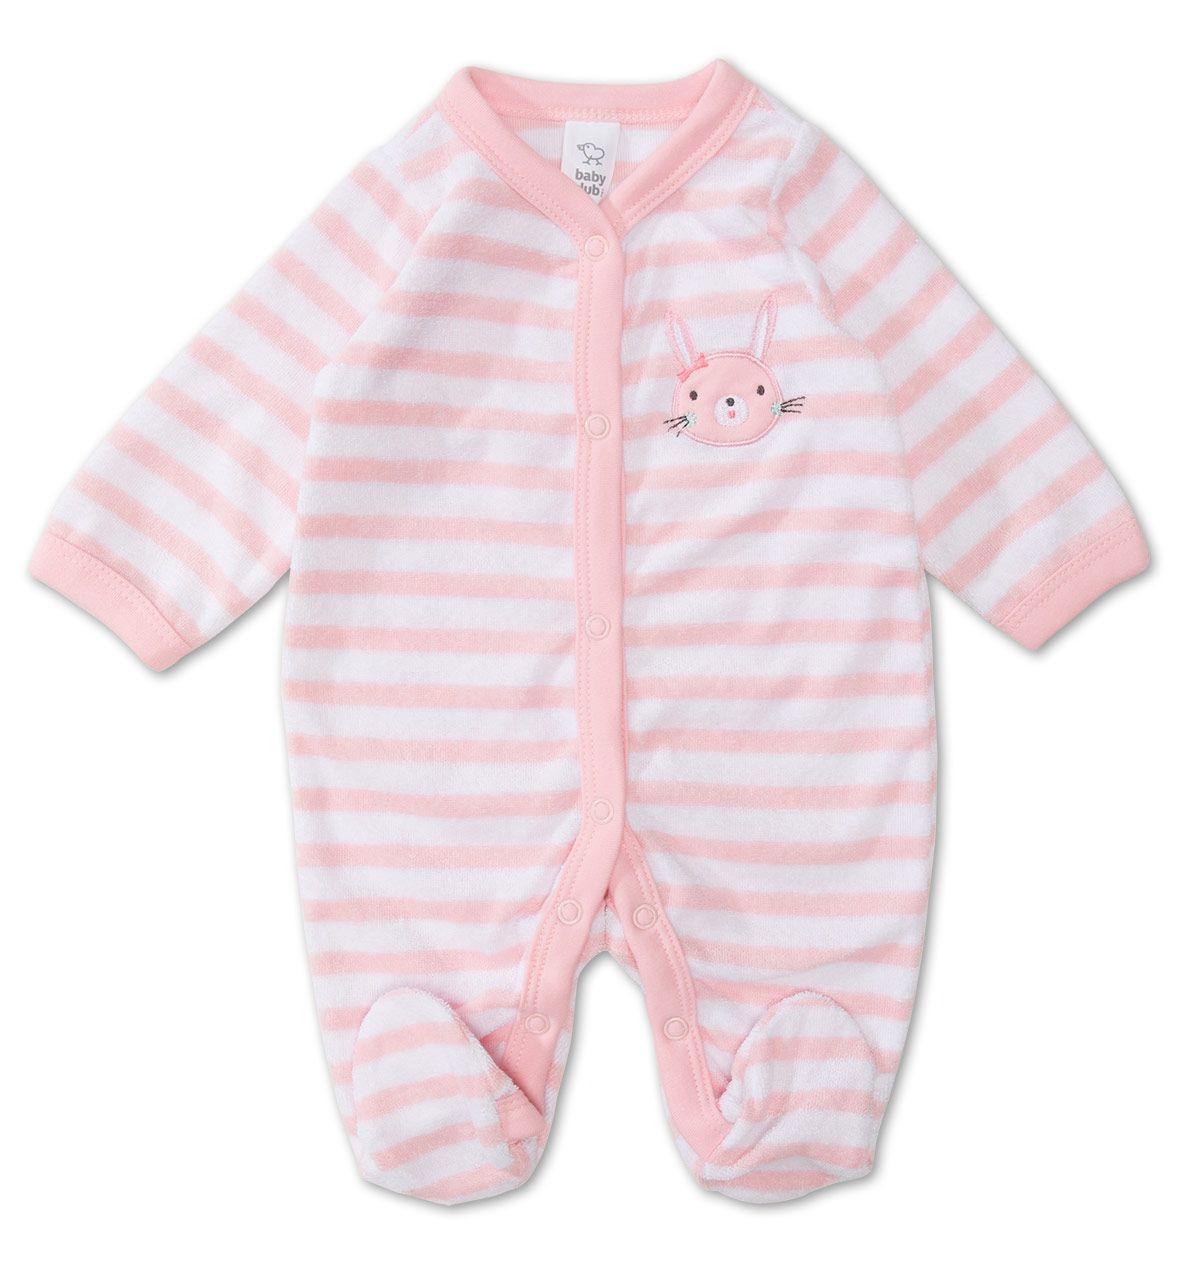 Baby-Schlafanzug in weiss / rosa